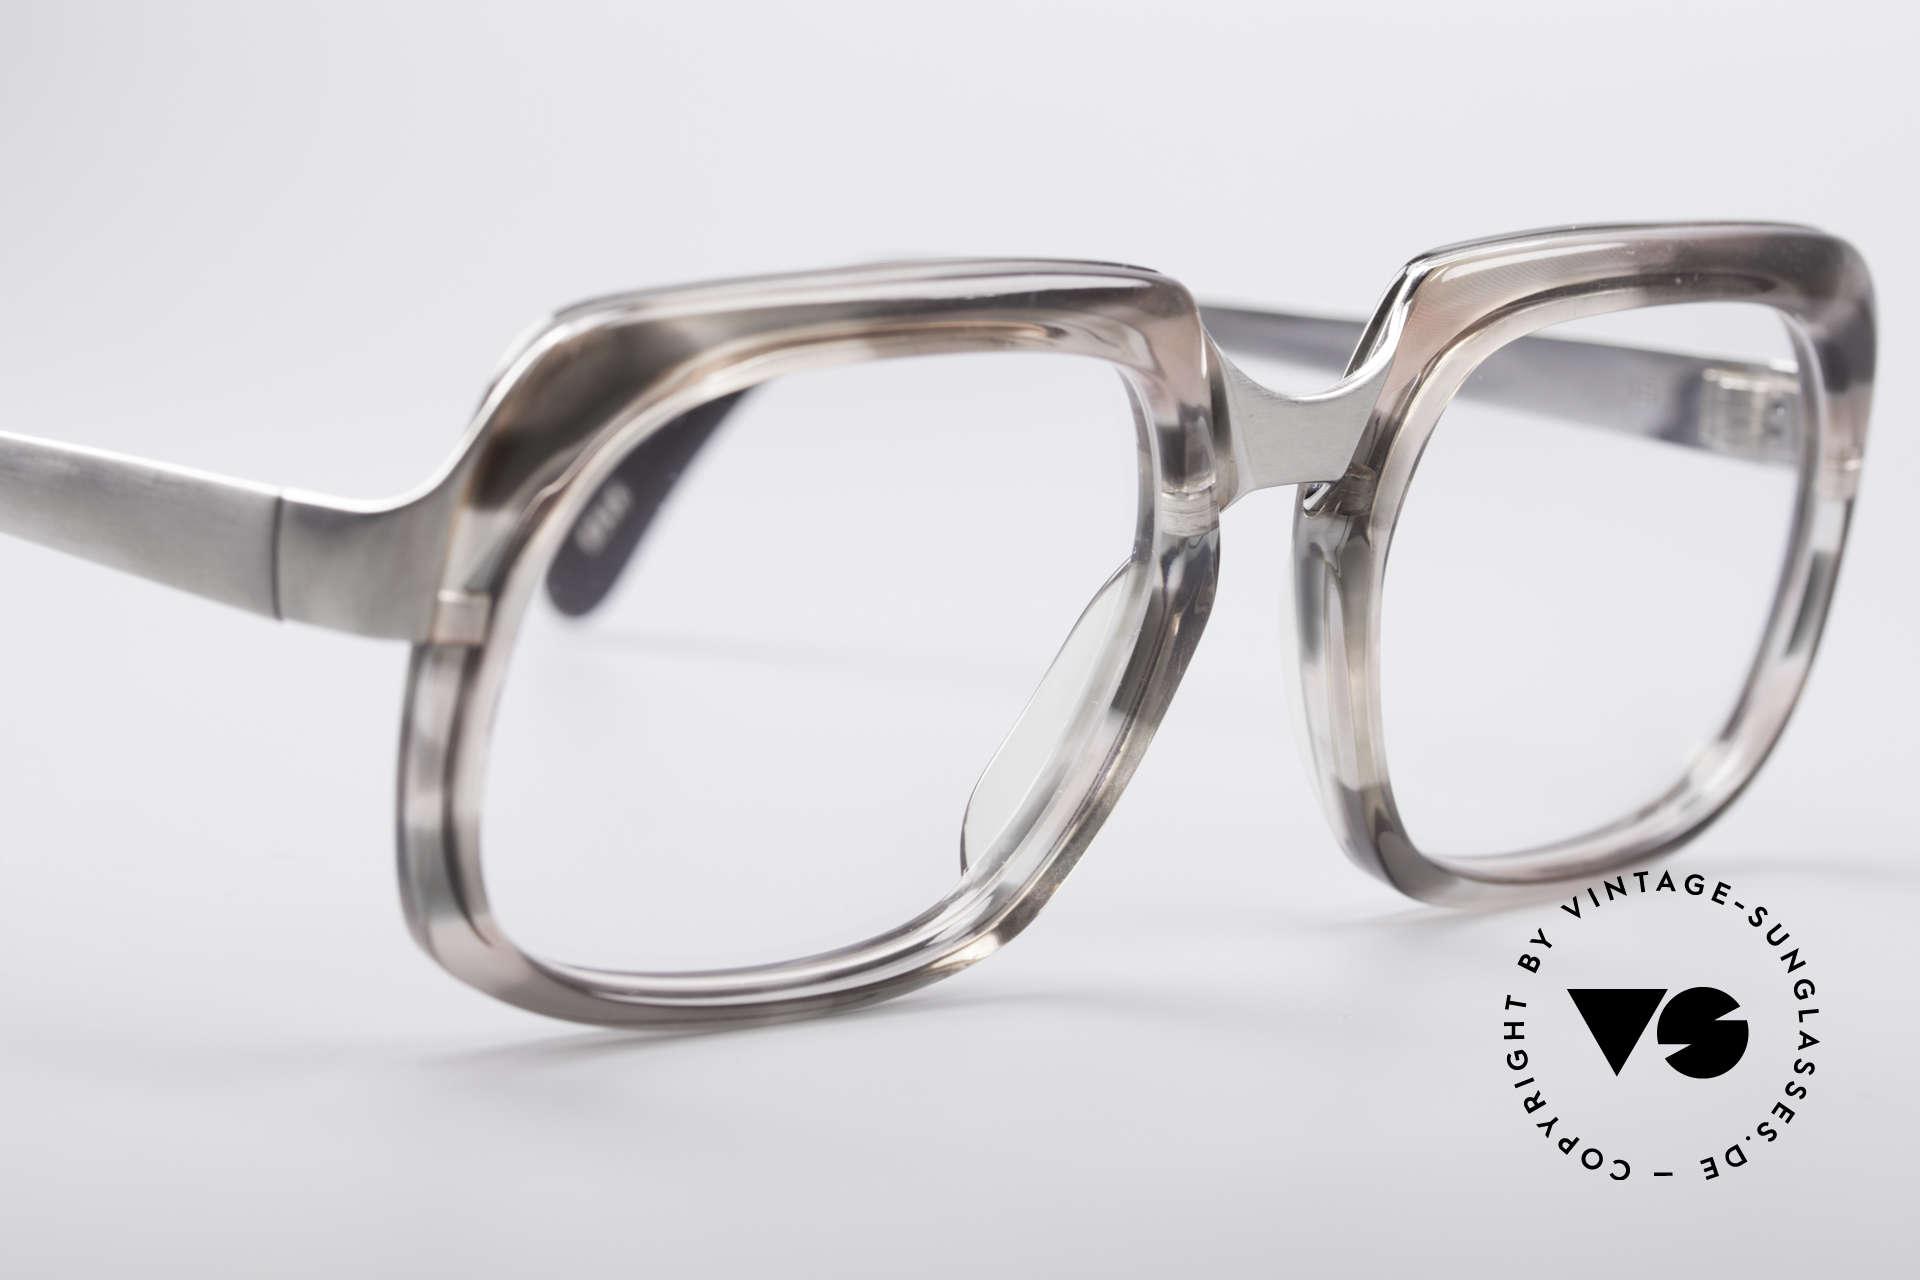 Metzler 6546 80er Vintage NO Retrobrille, ungetragen (wie alle unsere vintage Old School Brillen), Passend für Herren